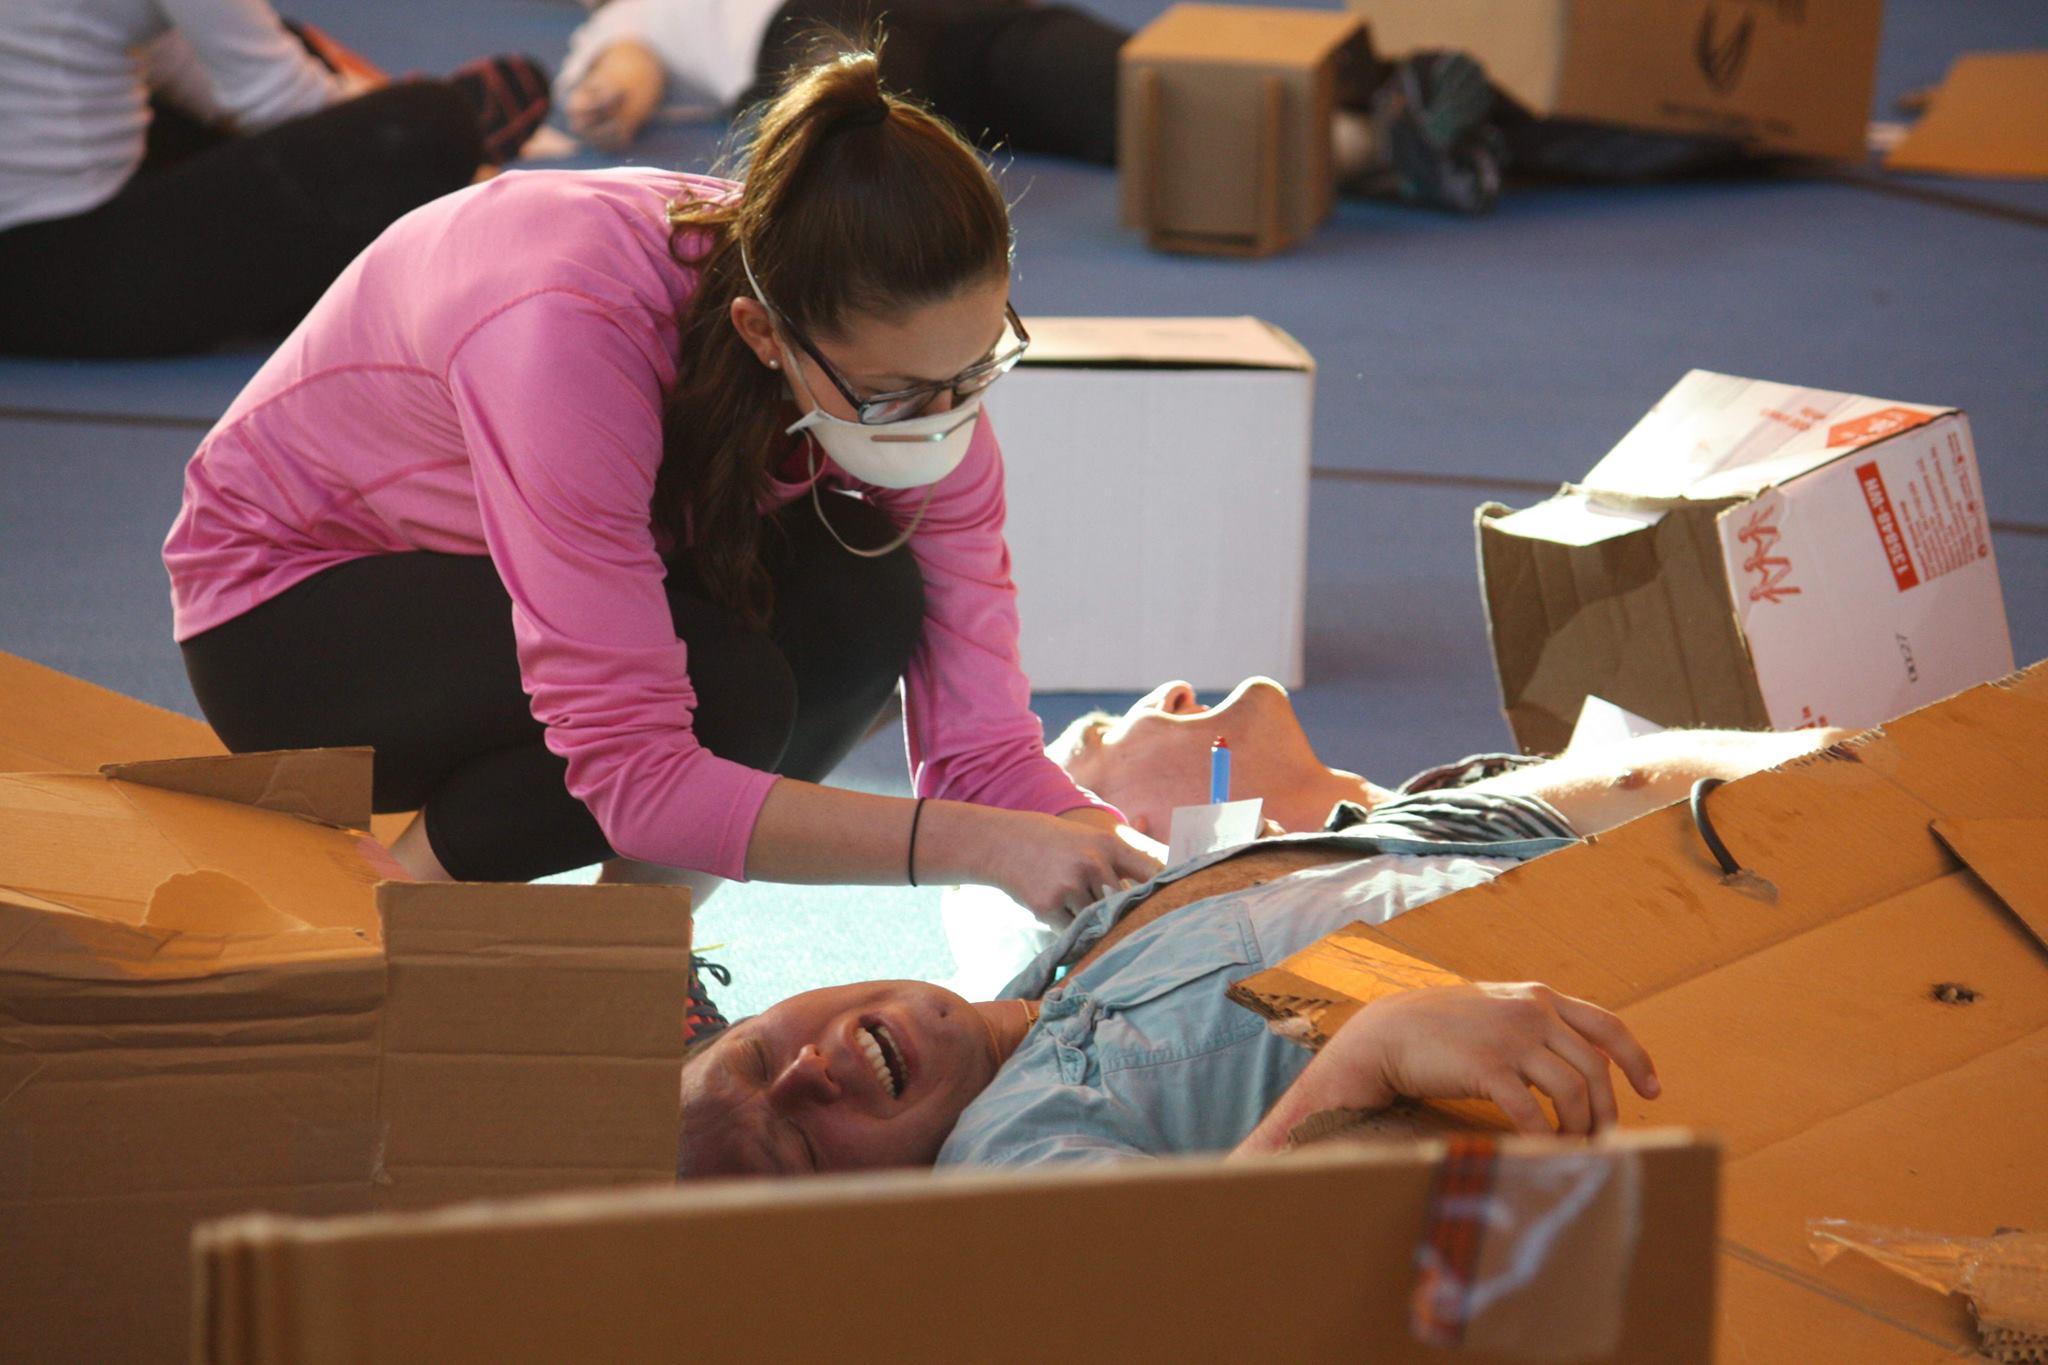 الدبلوم المهني في إدارة الأزمات و الكوارث الطبية